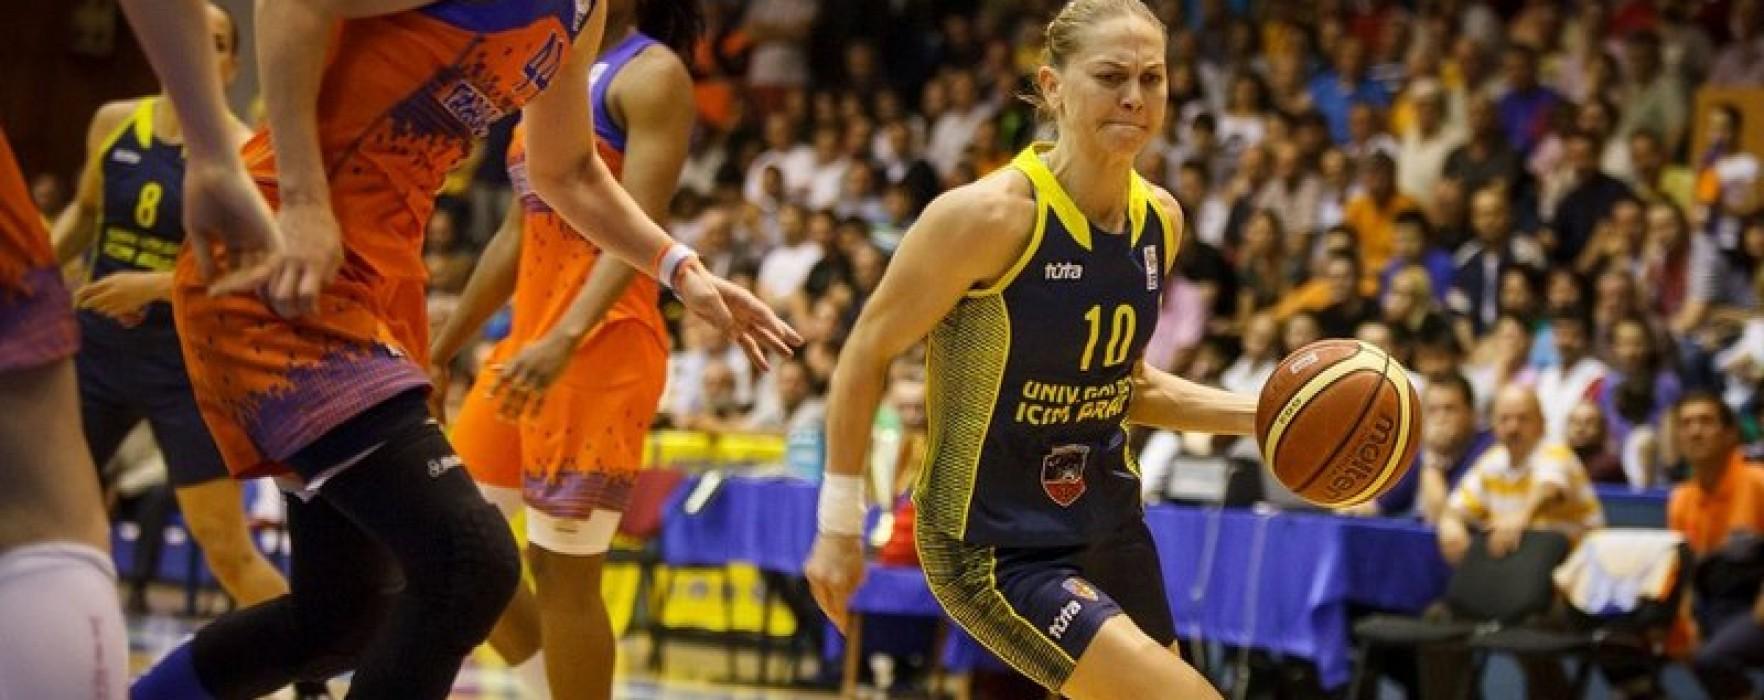 Baschet feminin: CSM Târgovişte va întâlni ICIM Arad în finala Ligii Naţionale